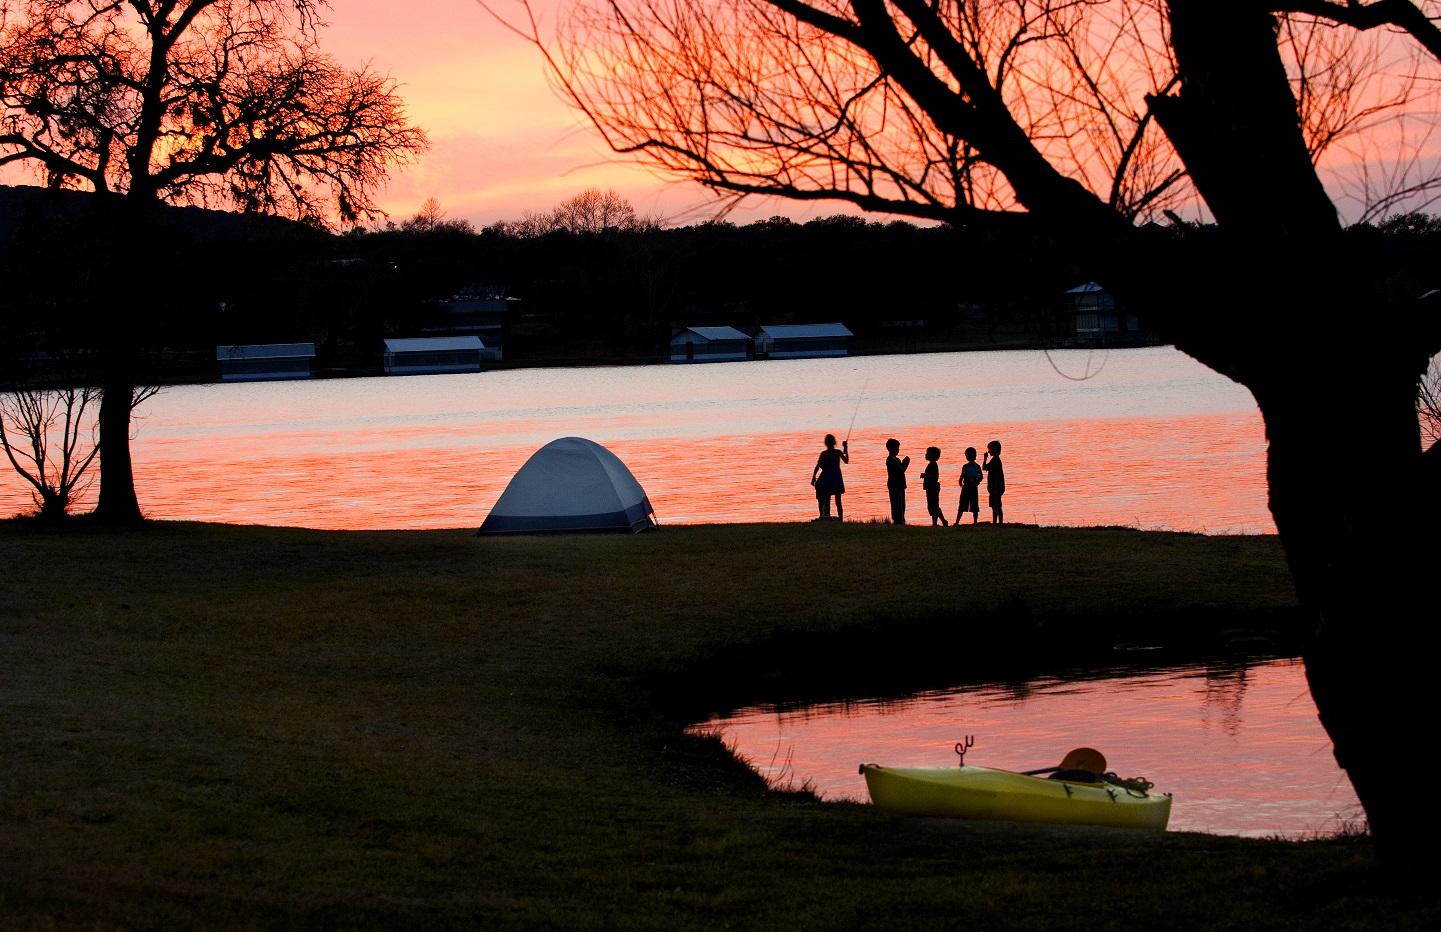 Camping at Inks Lake